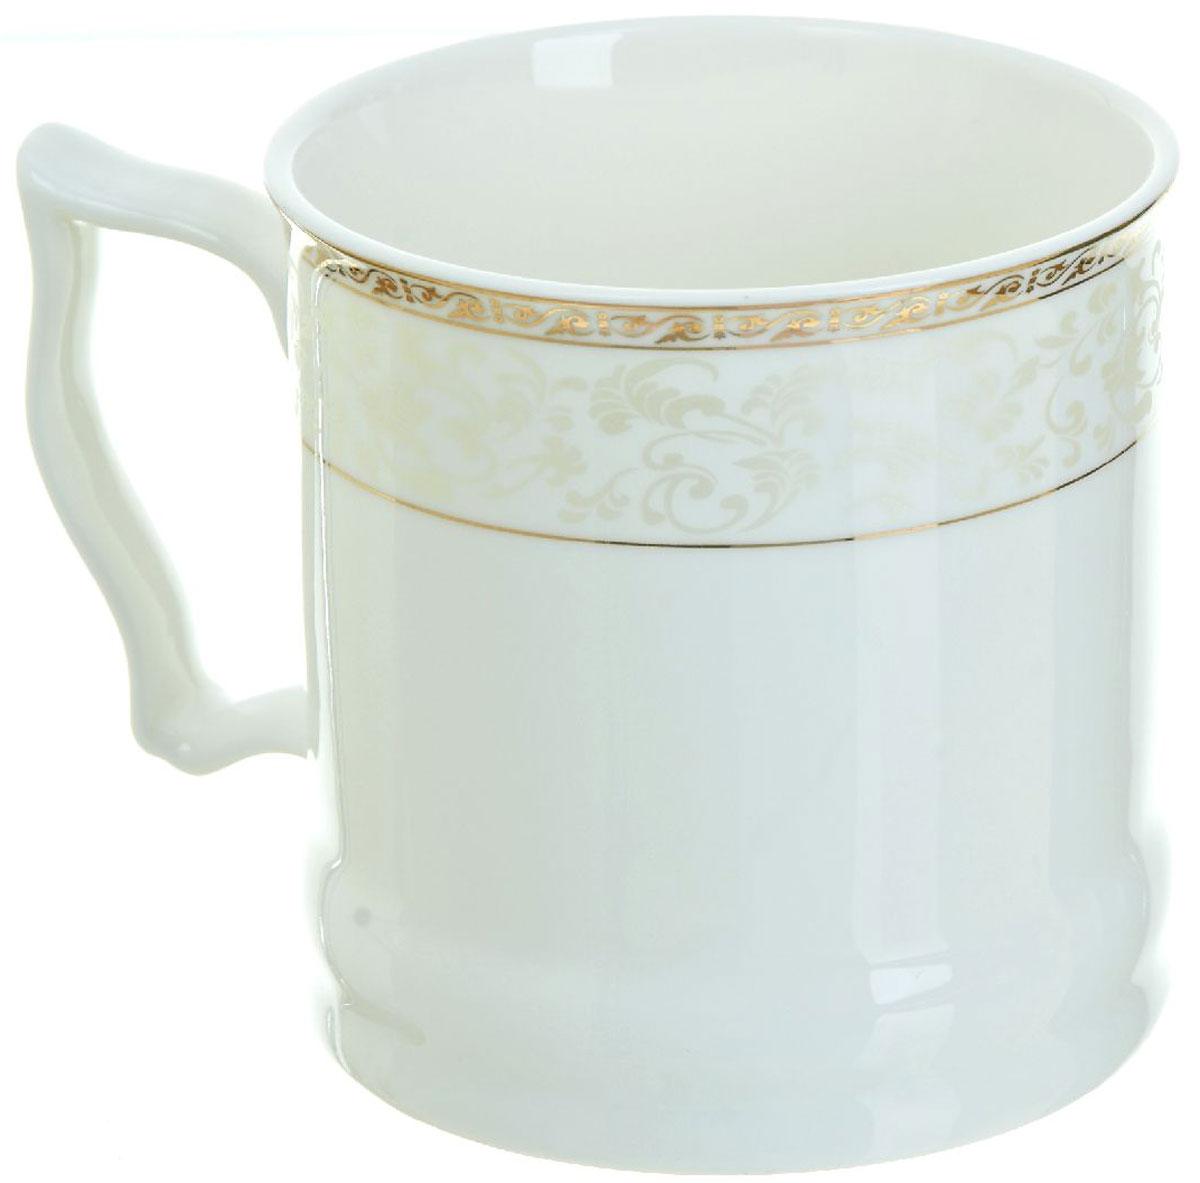 Кружка BHP Королевская кружка, 500 мл. 1870004115610Оригинальная кружка Best Home Porcelain, выполненная из высококачественного фарфора, сочетает в себе простой, утонченный дизайн с максимальной функциональностью. Оригинальность оформления придутся по вкусу тем, кто ценит индивидуальность.Можно использовать в посудомоечной машине.